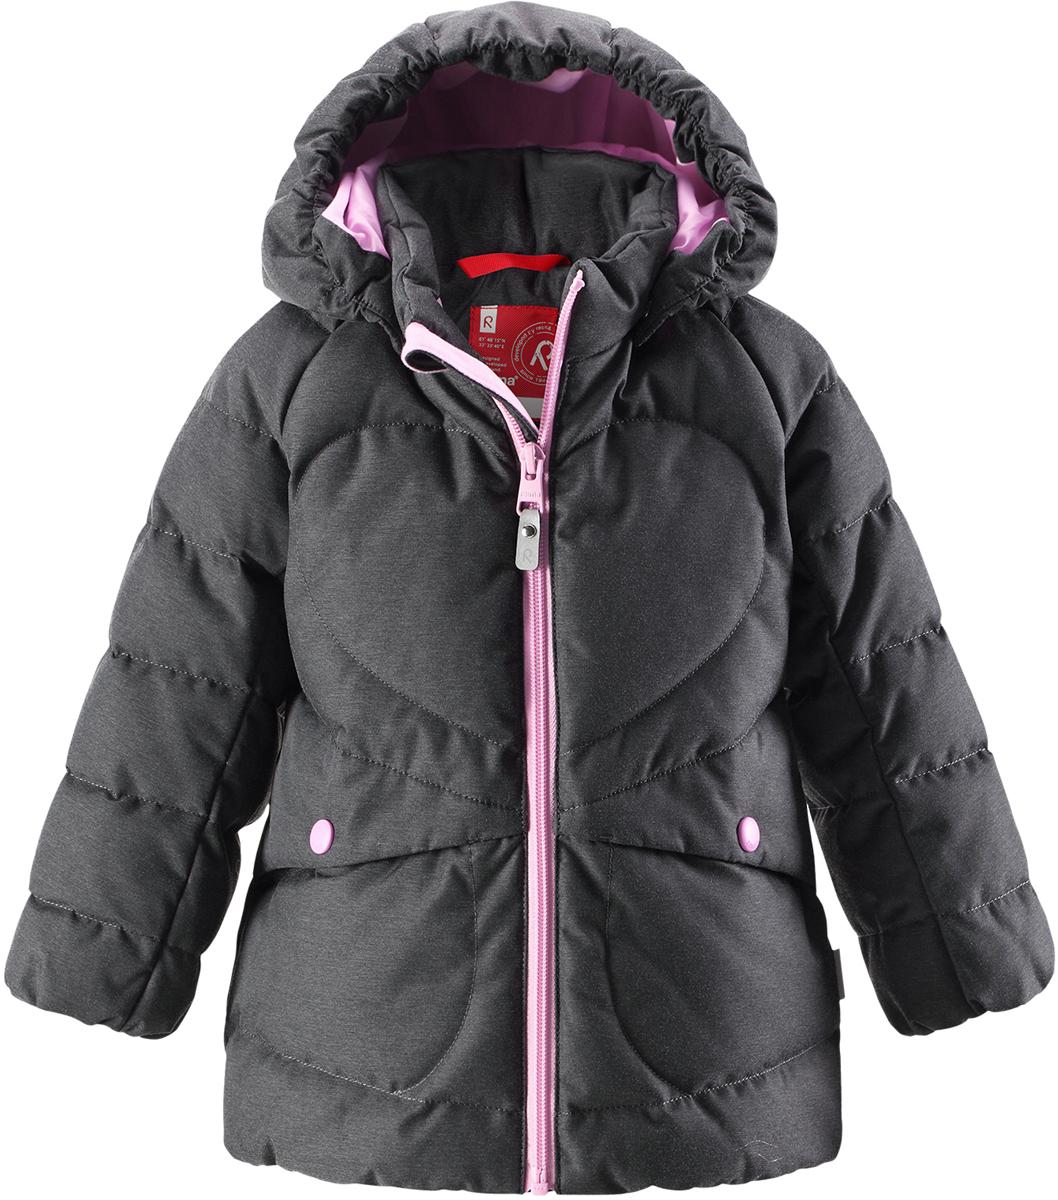 Пуховик для девочки Reima Loiste, цвет: серый. 5112609730. Размер 1045112609730Невероятно теплый, практичный и абсолютно непромокаемый пуховик просто создан для активных зимних прогулок!Эту куртку из водо- и грязеотталкивающего материла рекомендуется носить в сухую морозную зимнюю погоду. Куртка снабжена безопасным съемным капюшоном и двумя боковыми карманами. Обратите внимание на забавную строчку и стильную матовую поверхность ткани!Высокая степень утепления.